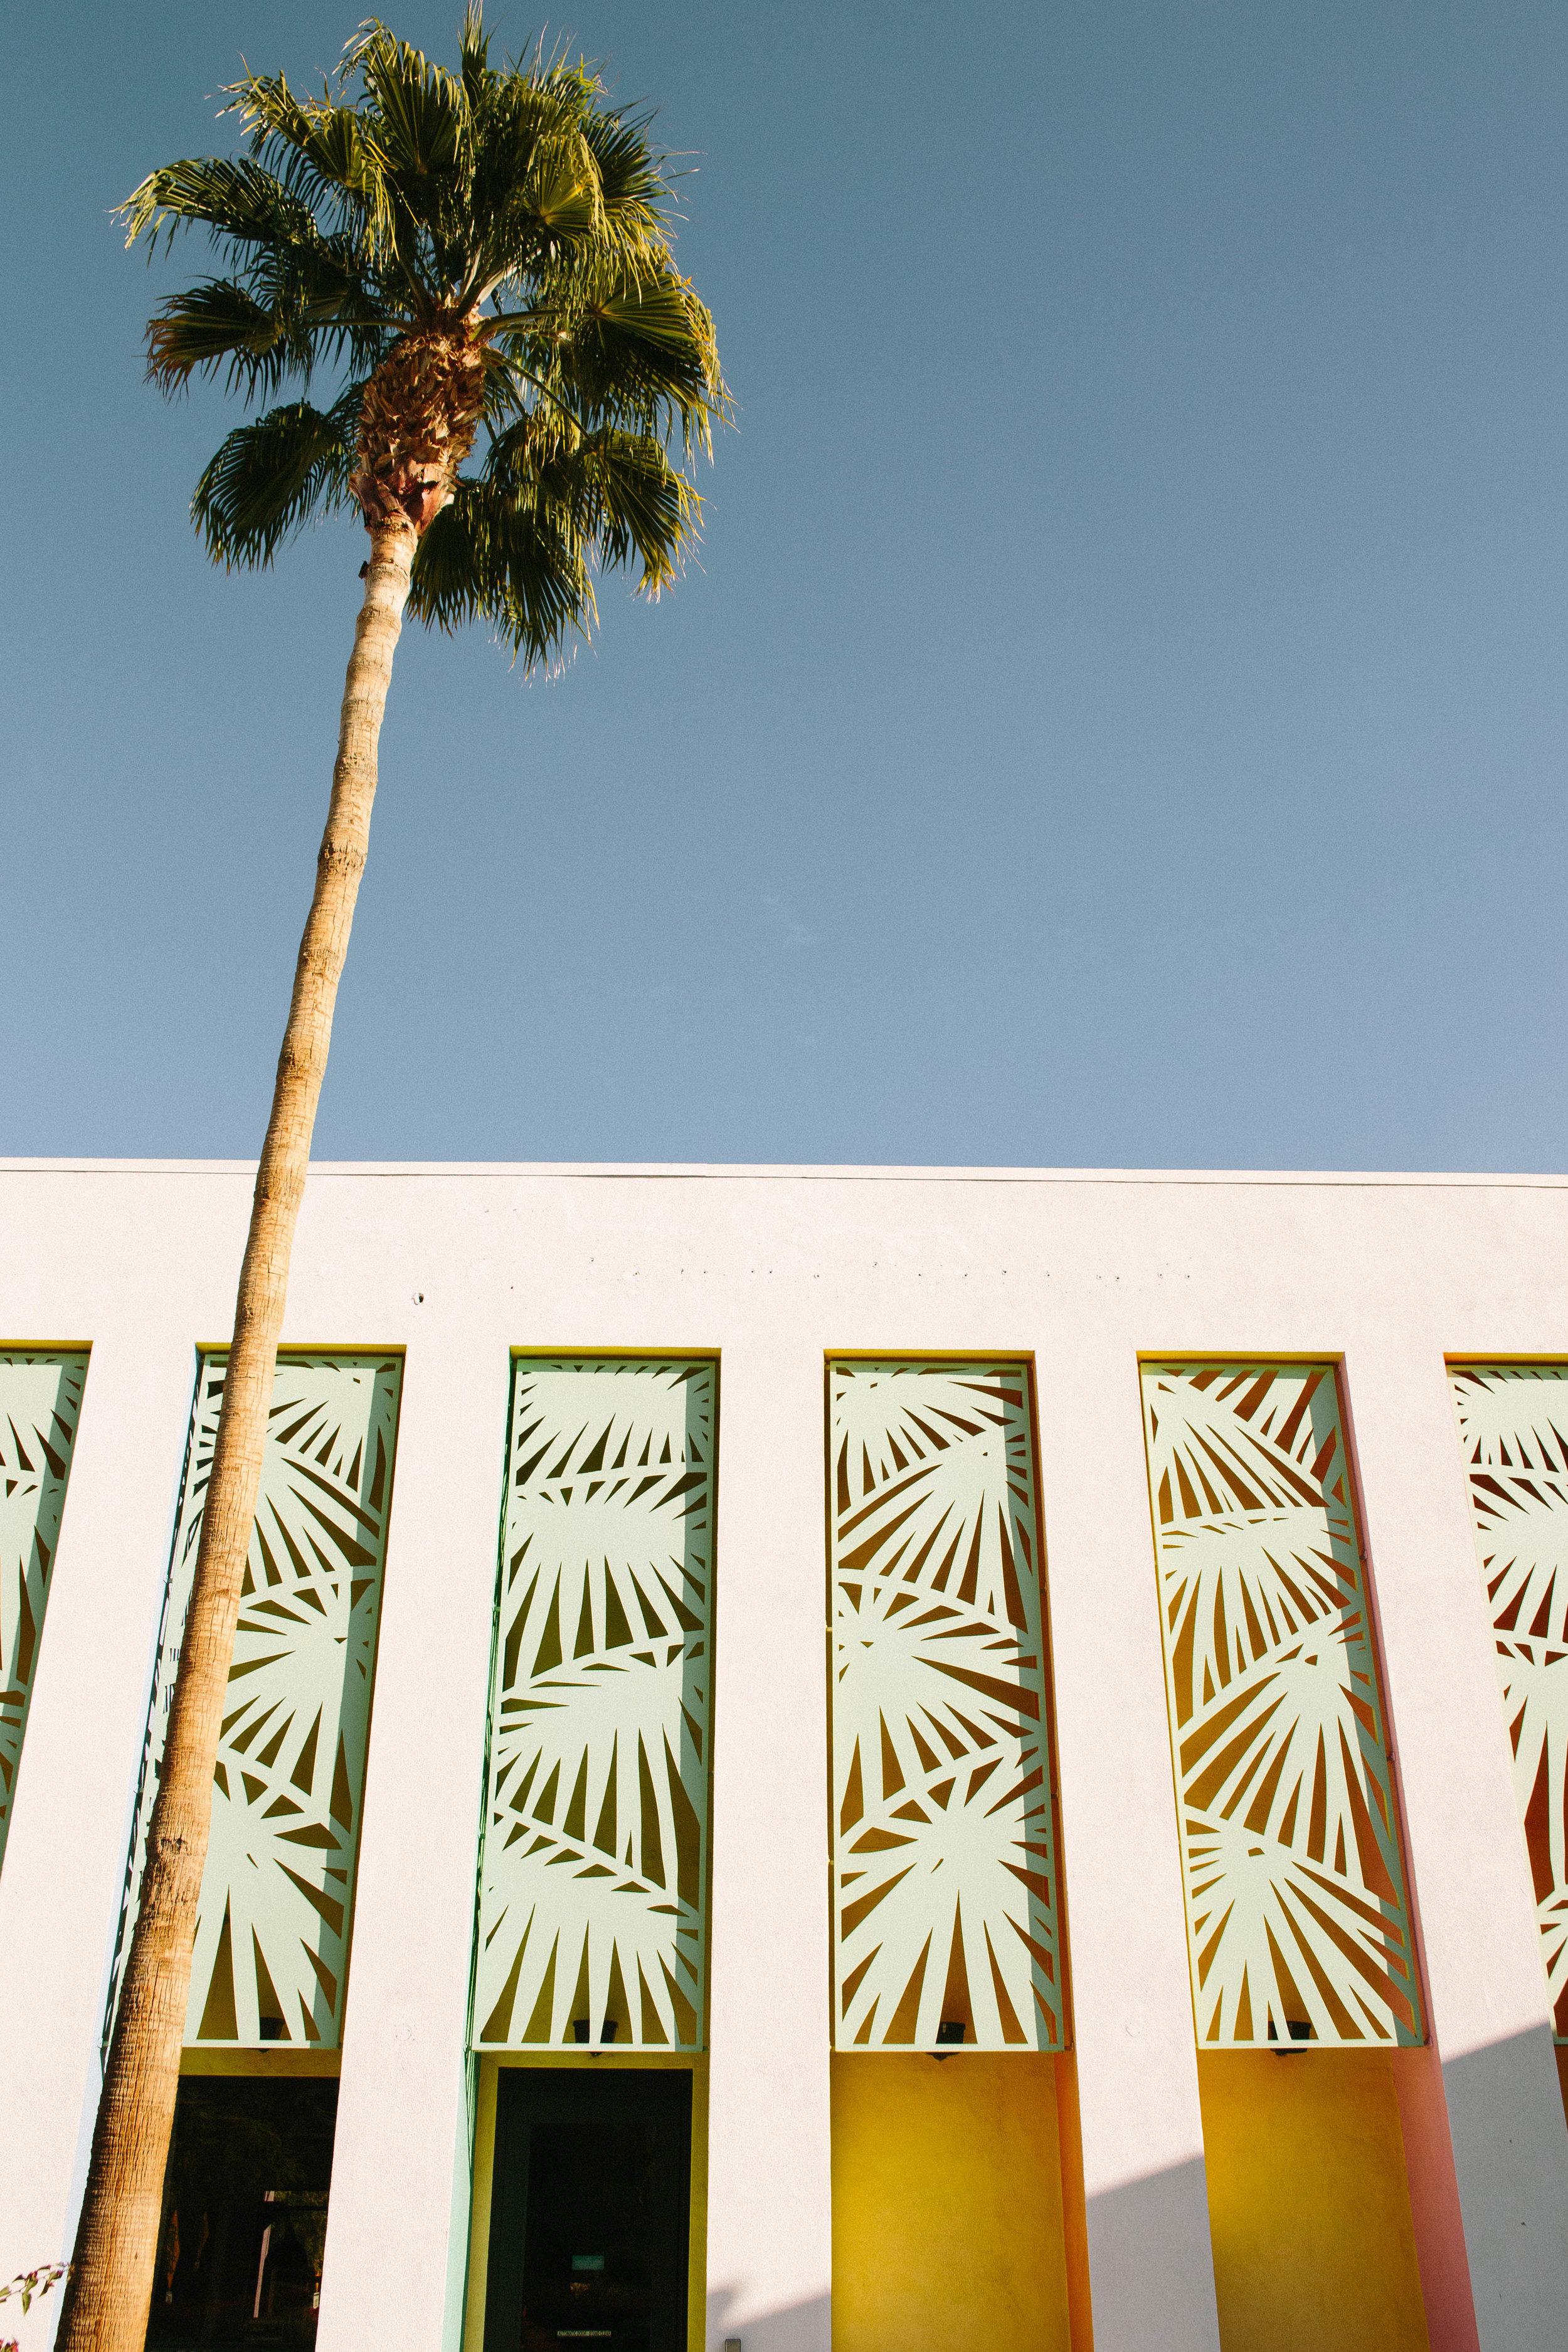 Springs Palm